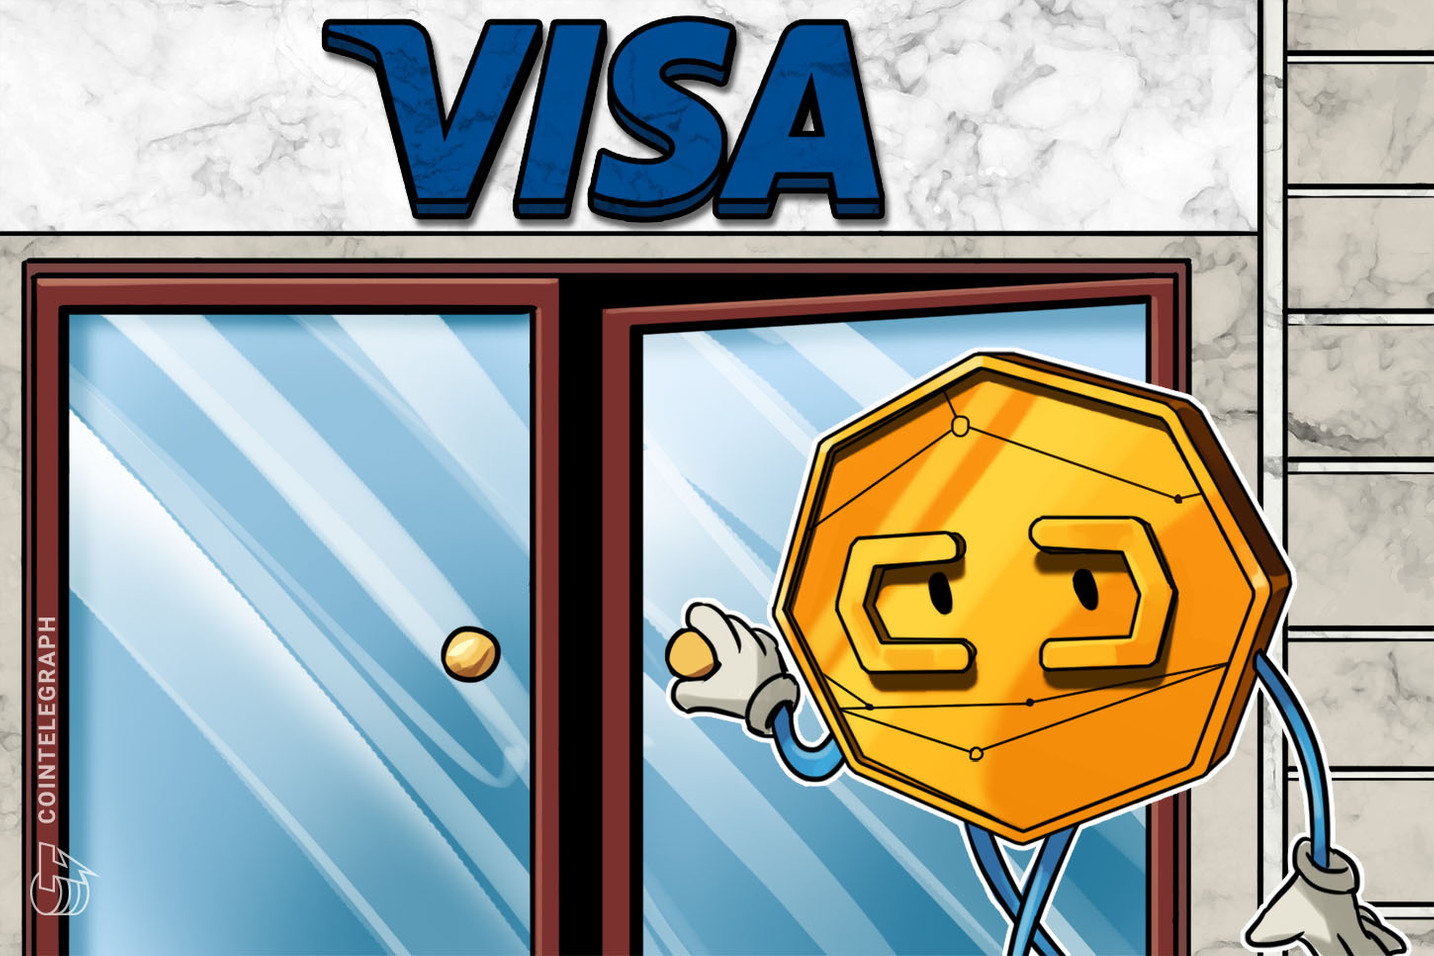 Visa, el gigante de los pagos, adquiere una empresa Fintech por USD 5.3 mil millones